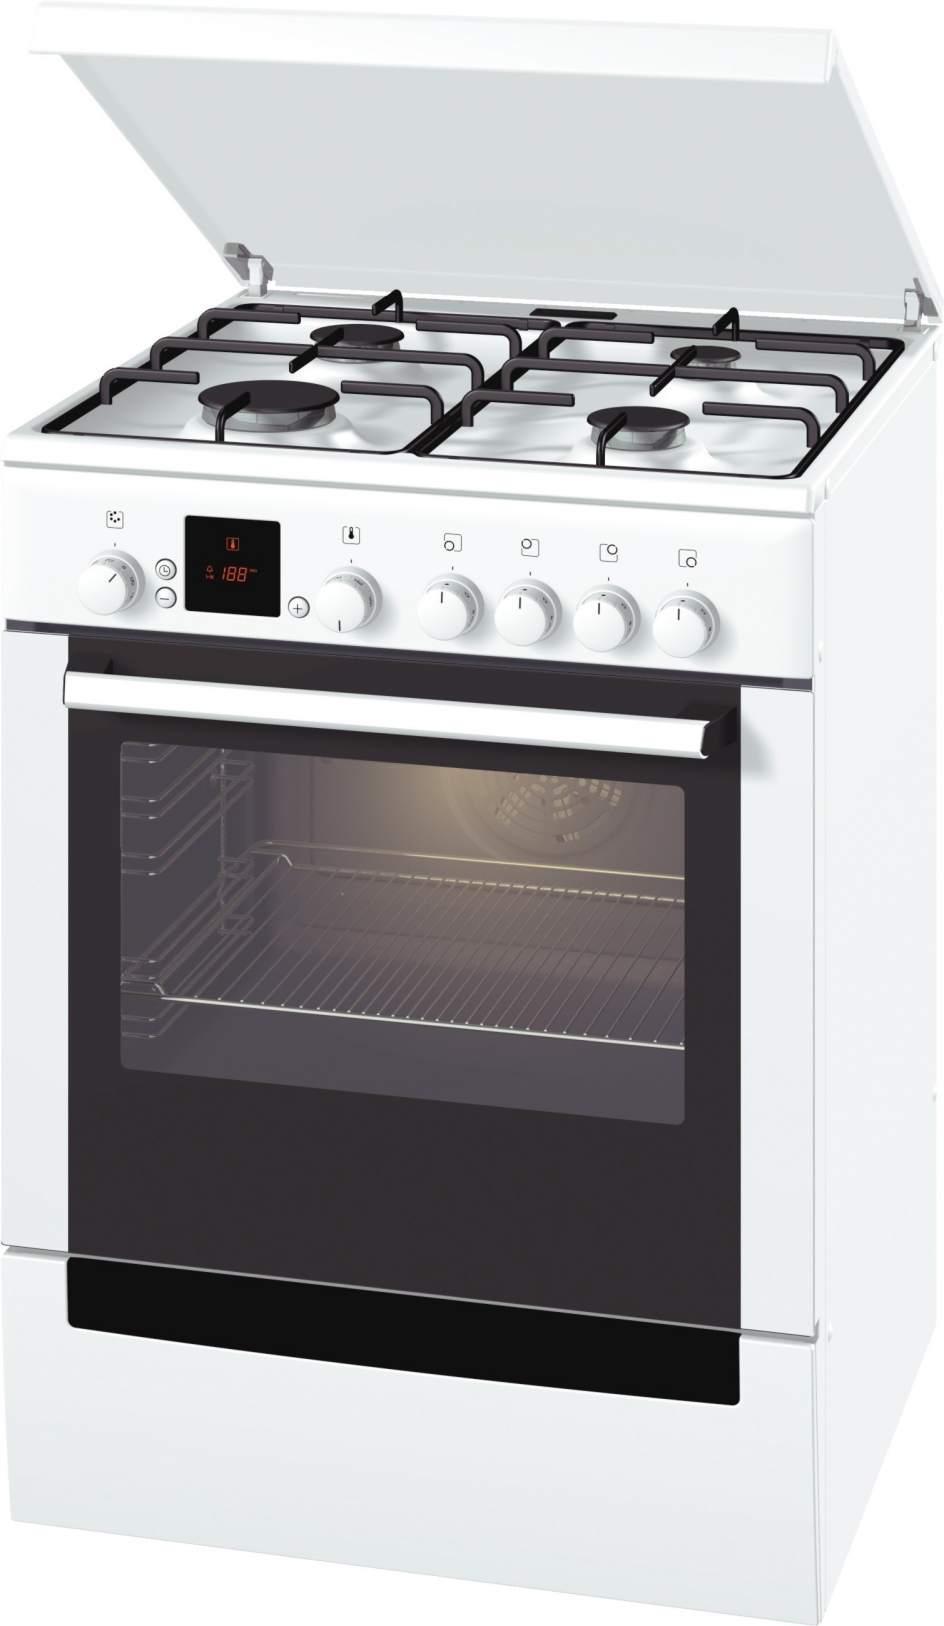 Balay bosch y siemens alertan de un riesgo potencial de explosi n en sus cocinas independientes - Cocinas balay gas ...